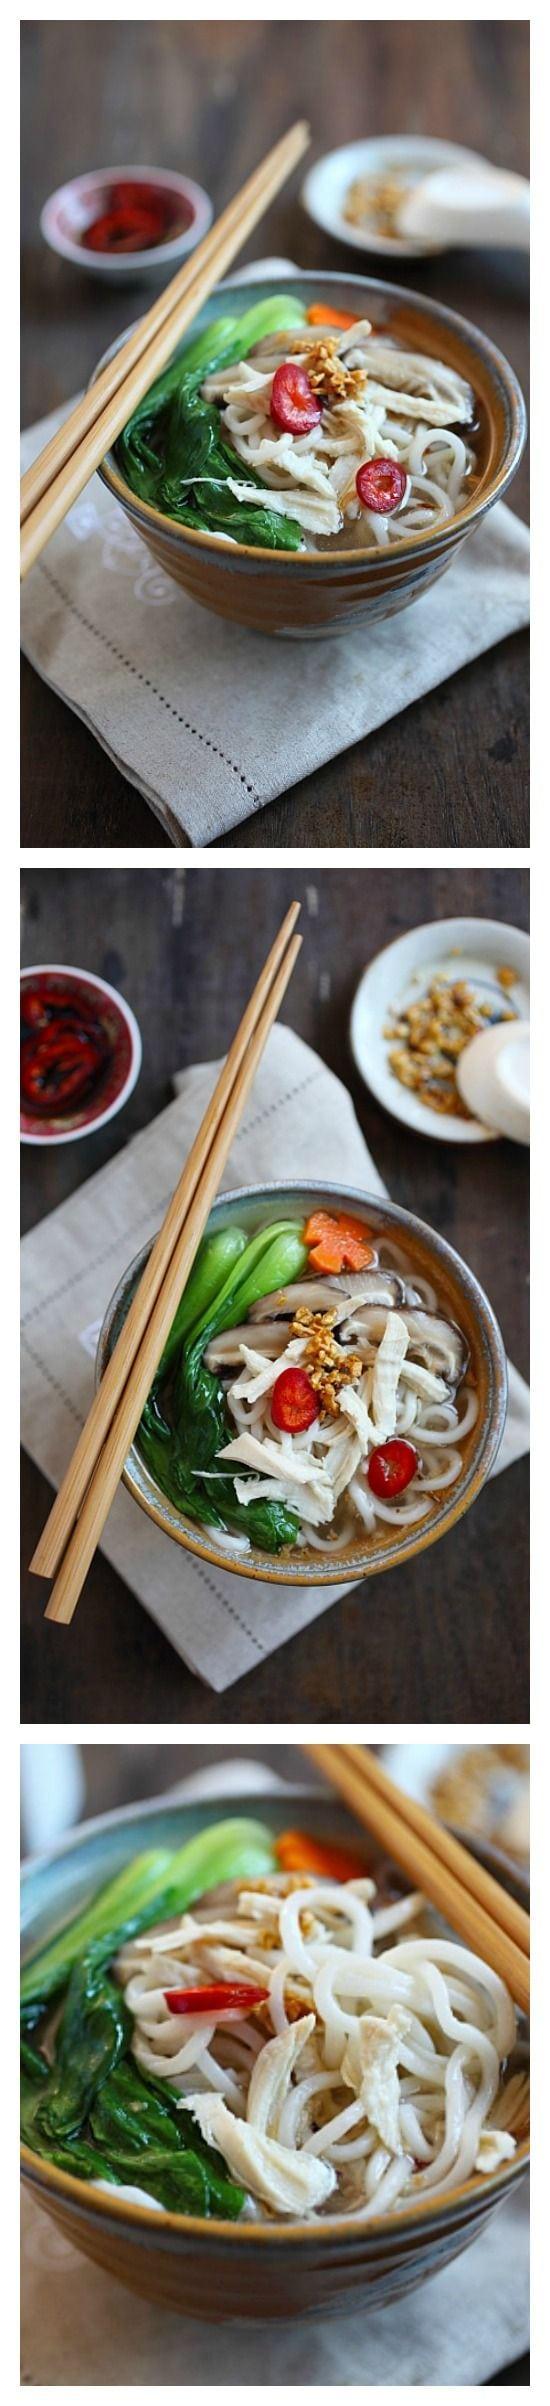 Soupe chinoise au poulet et aux nouilles - soupe de nouilles facile avec bouillon de poulet, nouilles et bok choy.  Cette recette est si facile et réconfortante, parfaite comme déjeuner rapide et copieux    rasamalaysia.com